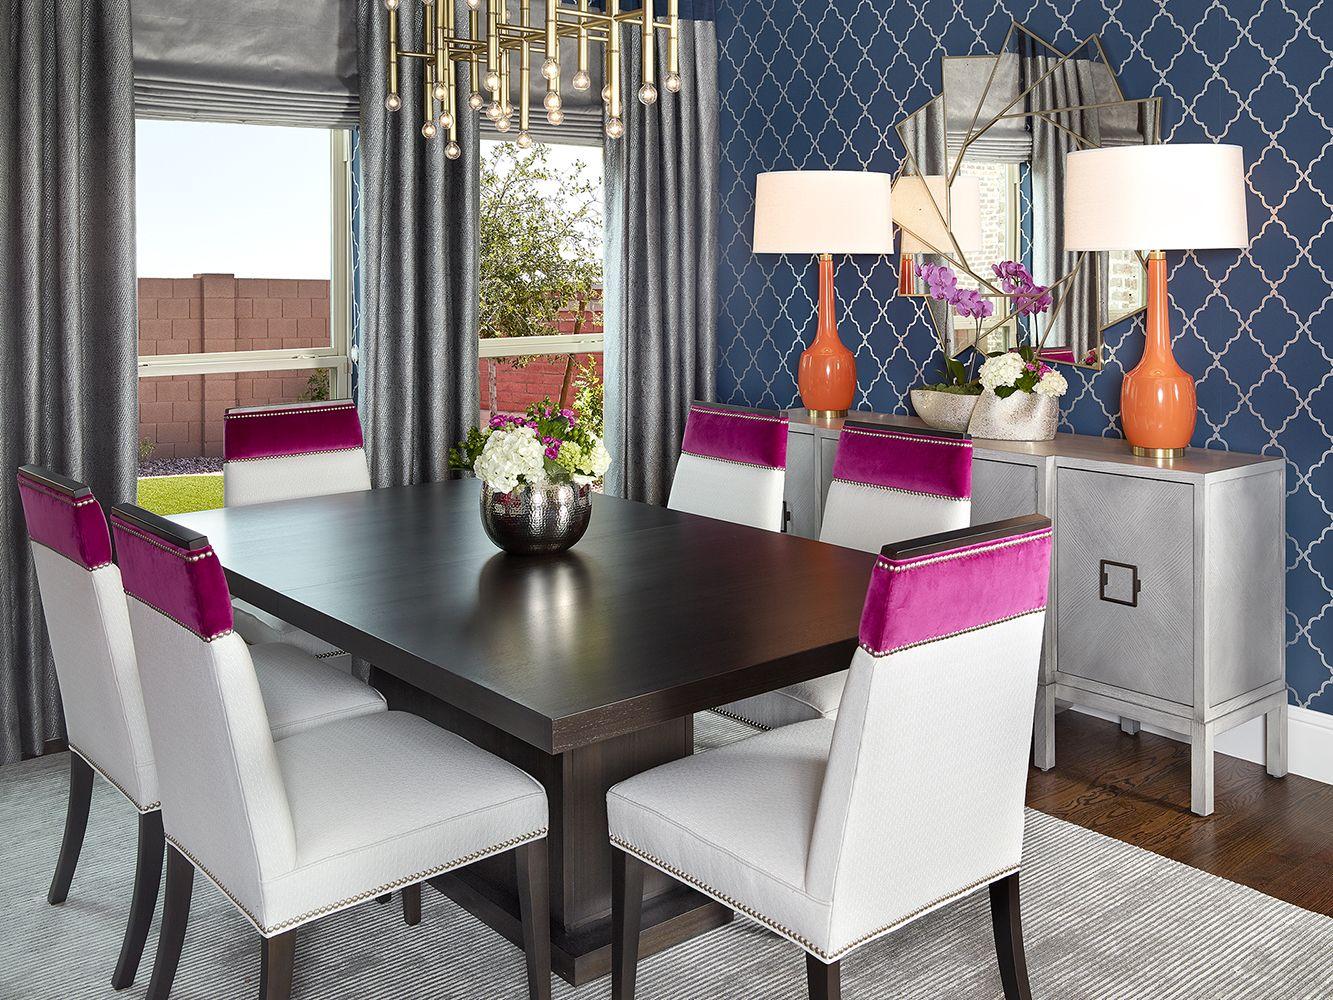 Interior Design Dallas Dining Room by Barbara Gilbert ...